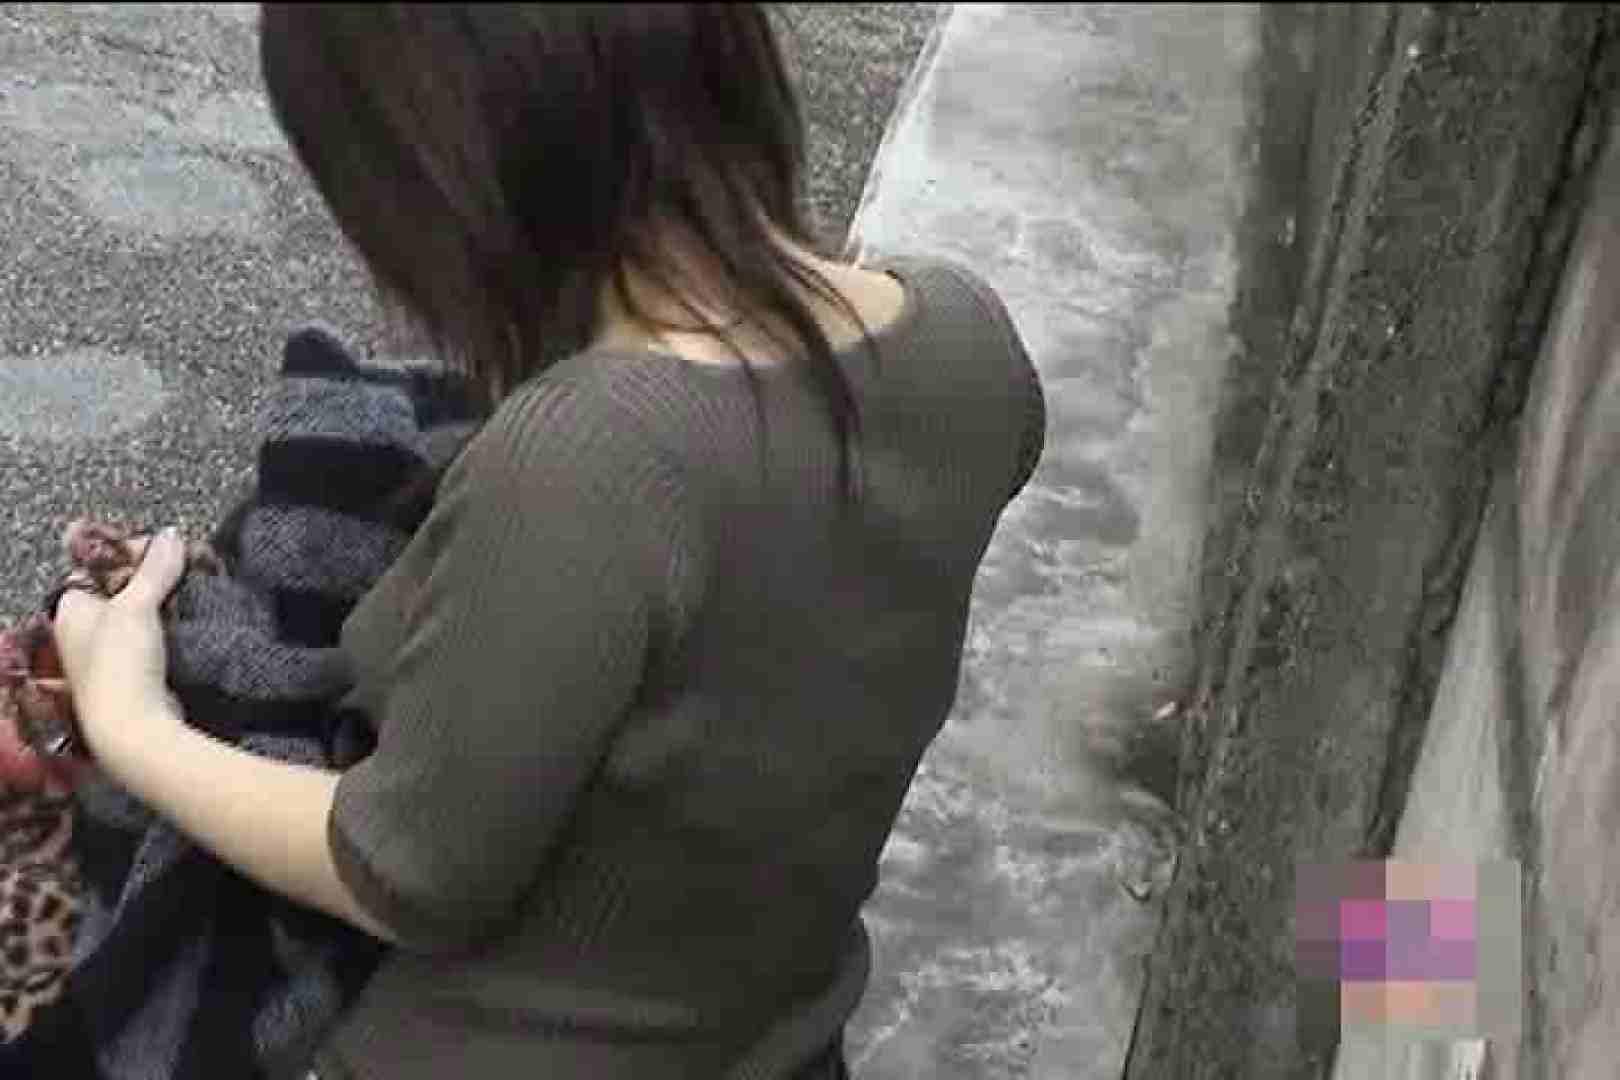 大胆露出胸チラギャル大量発生中!!Vol.6 乳首ポロリ  91画像 45